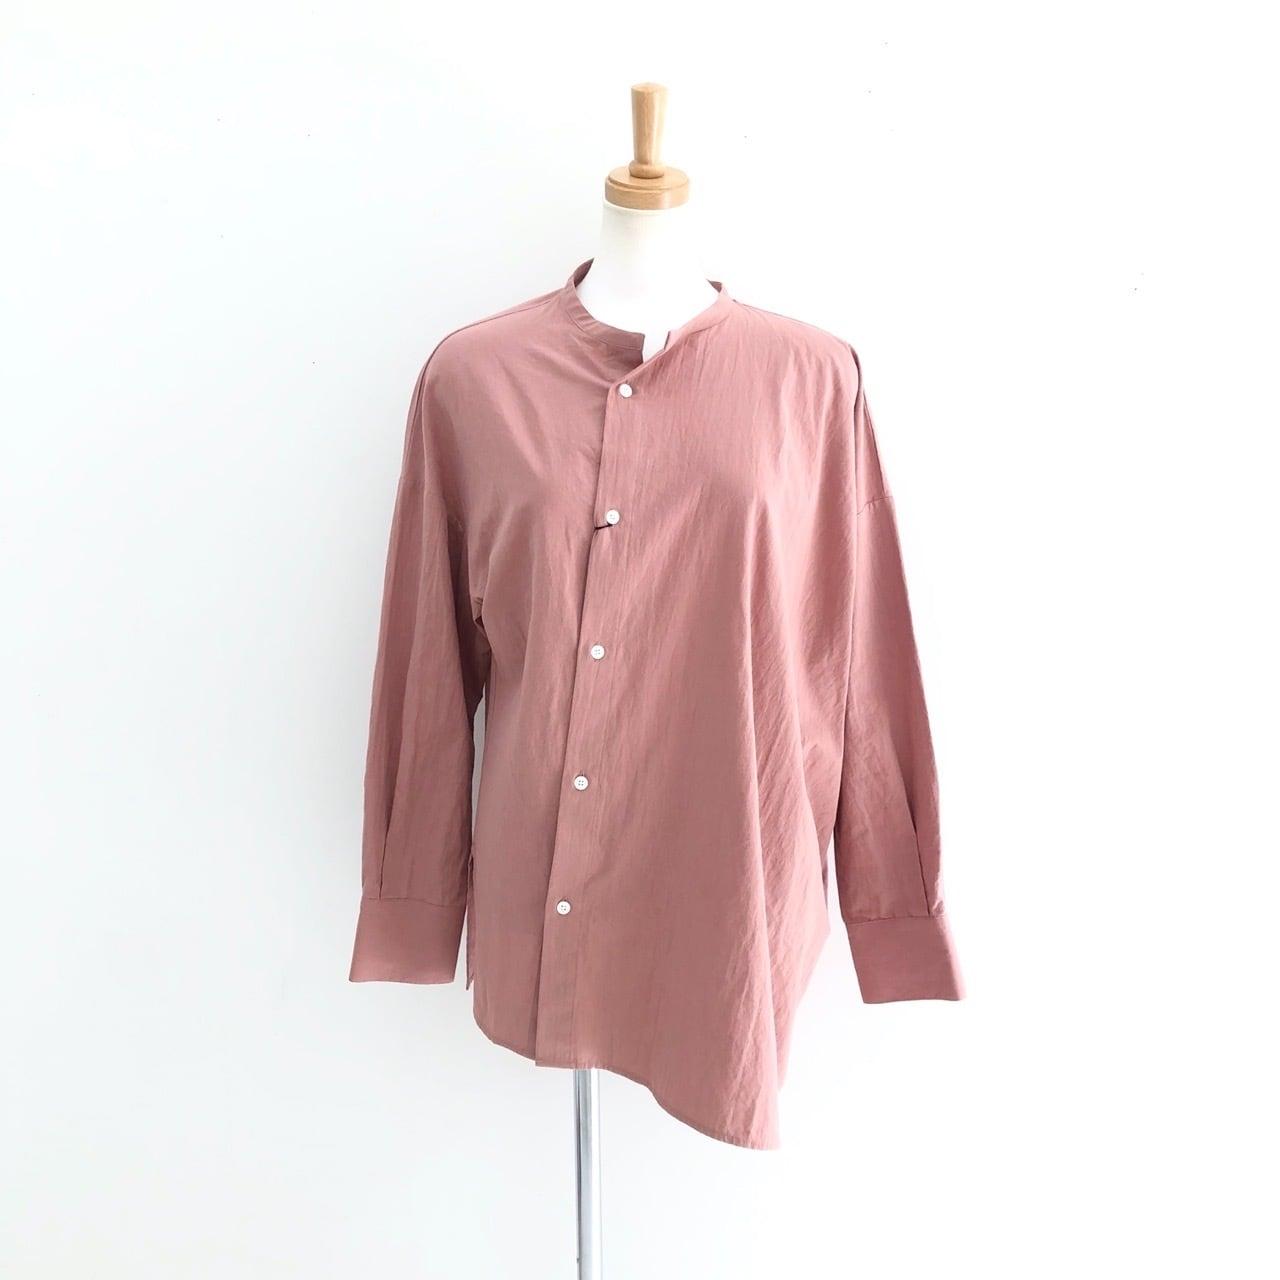 【 CHIGNONSTAR 】- 1202-036 - アシメシャツ